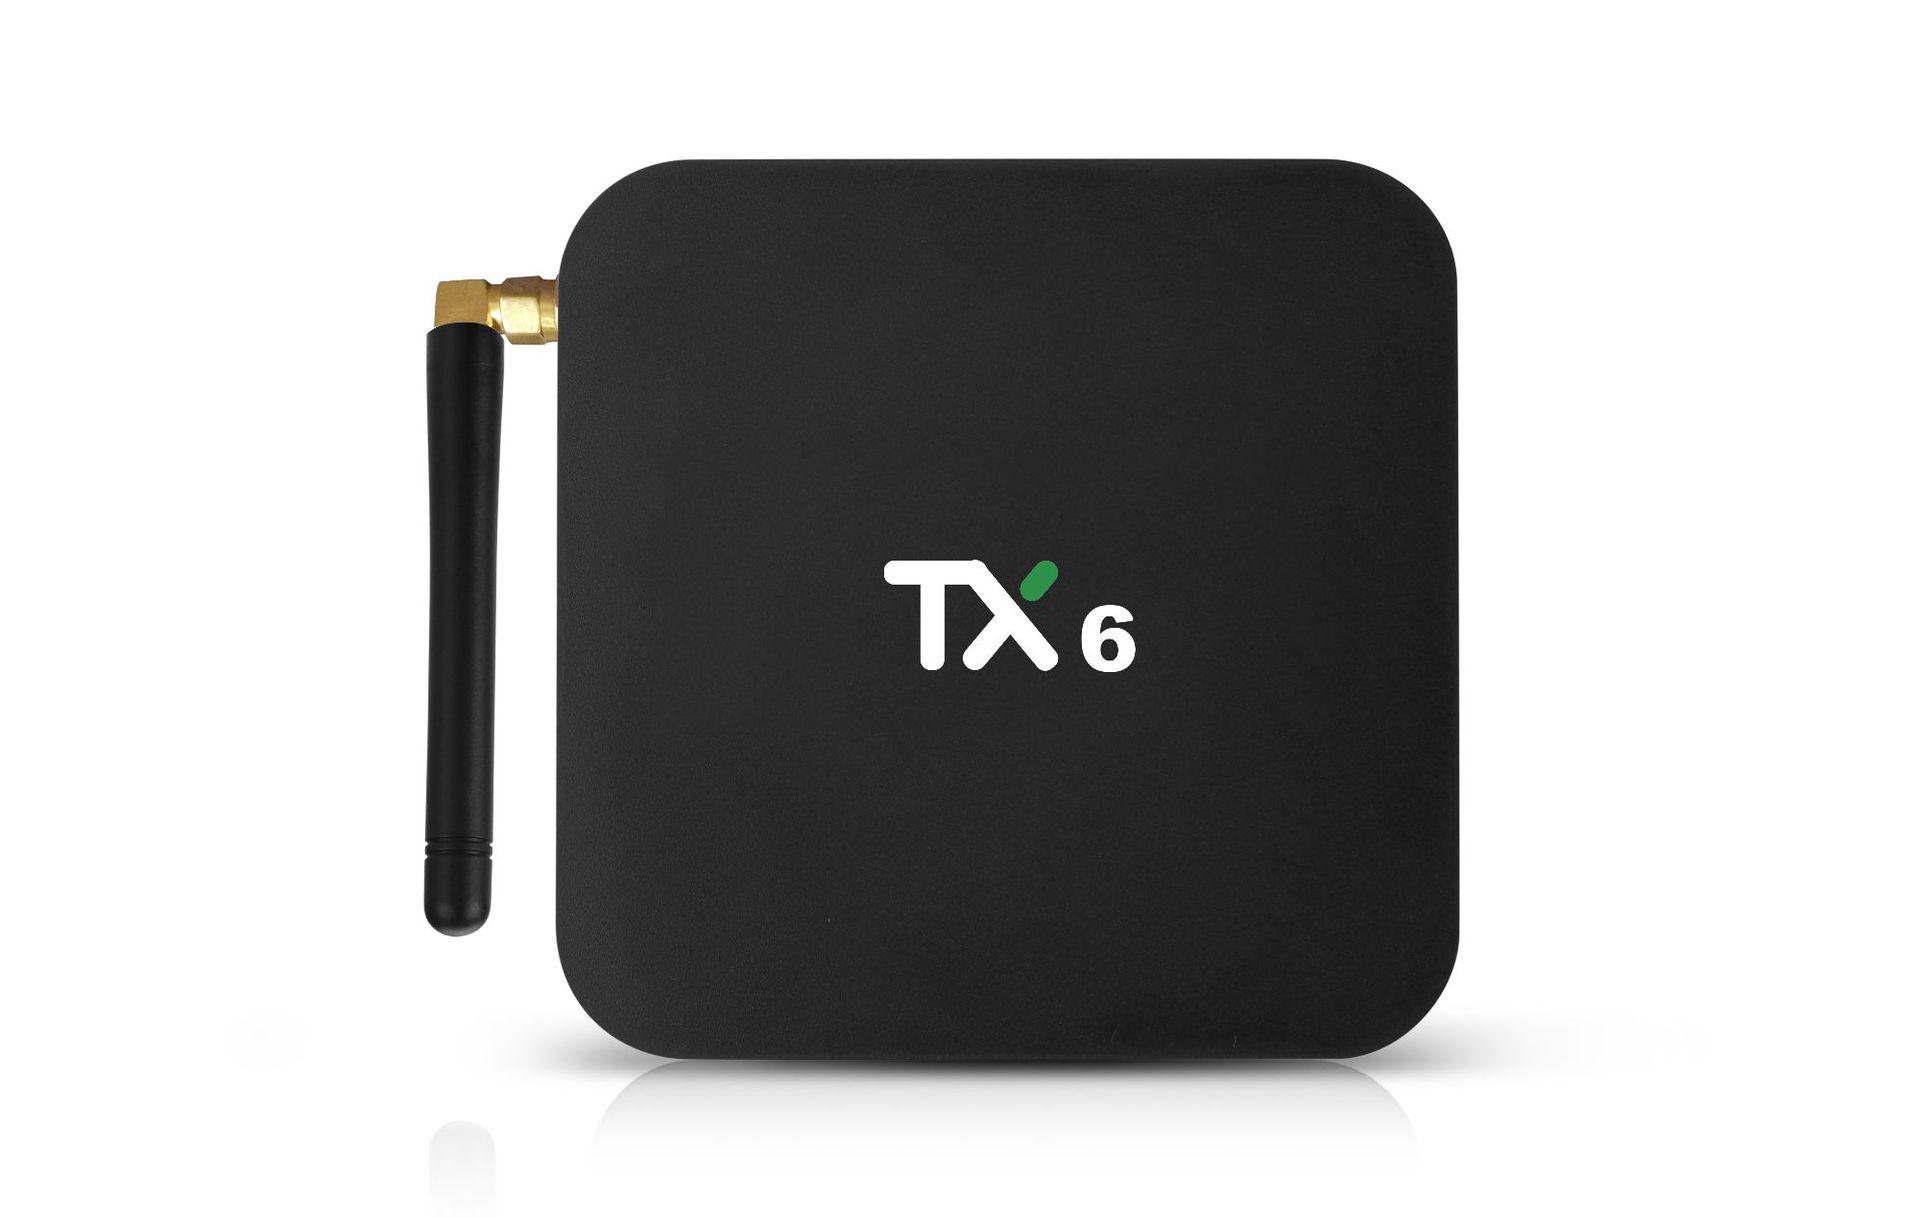 OEM Thiết bị kết nối Internet cho TV TX6 STB Quanshi H6 Trình phát mạng Bluetooth HD Trình phát mạng